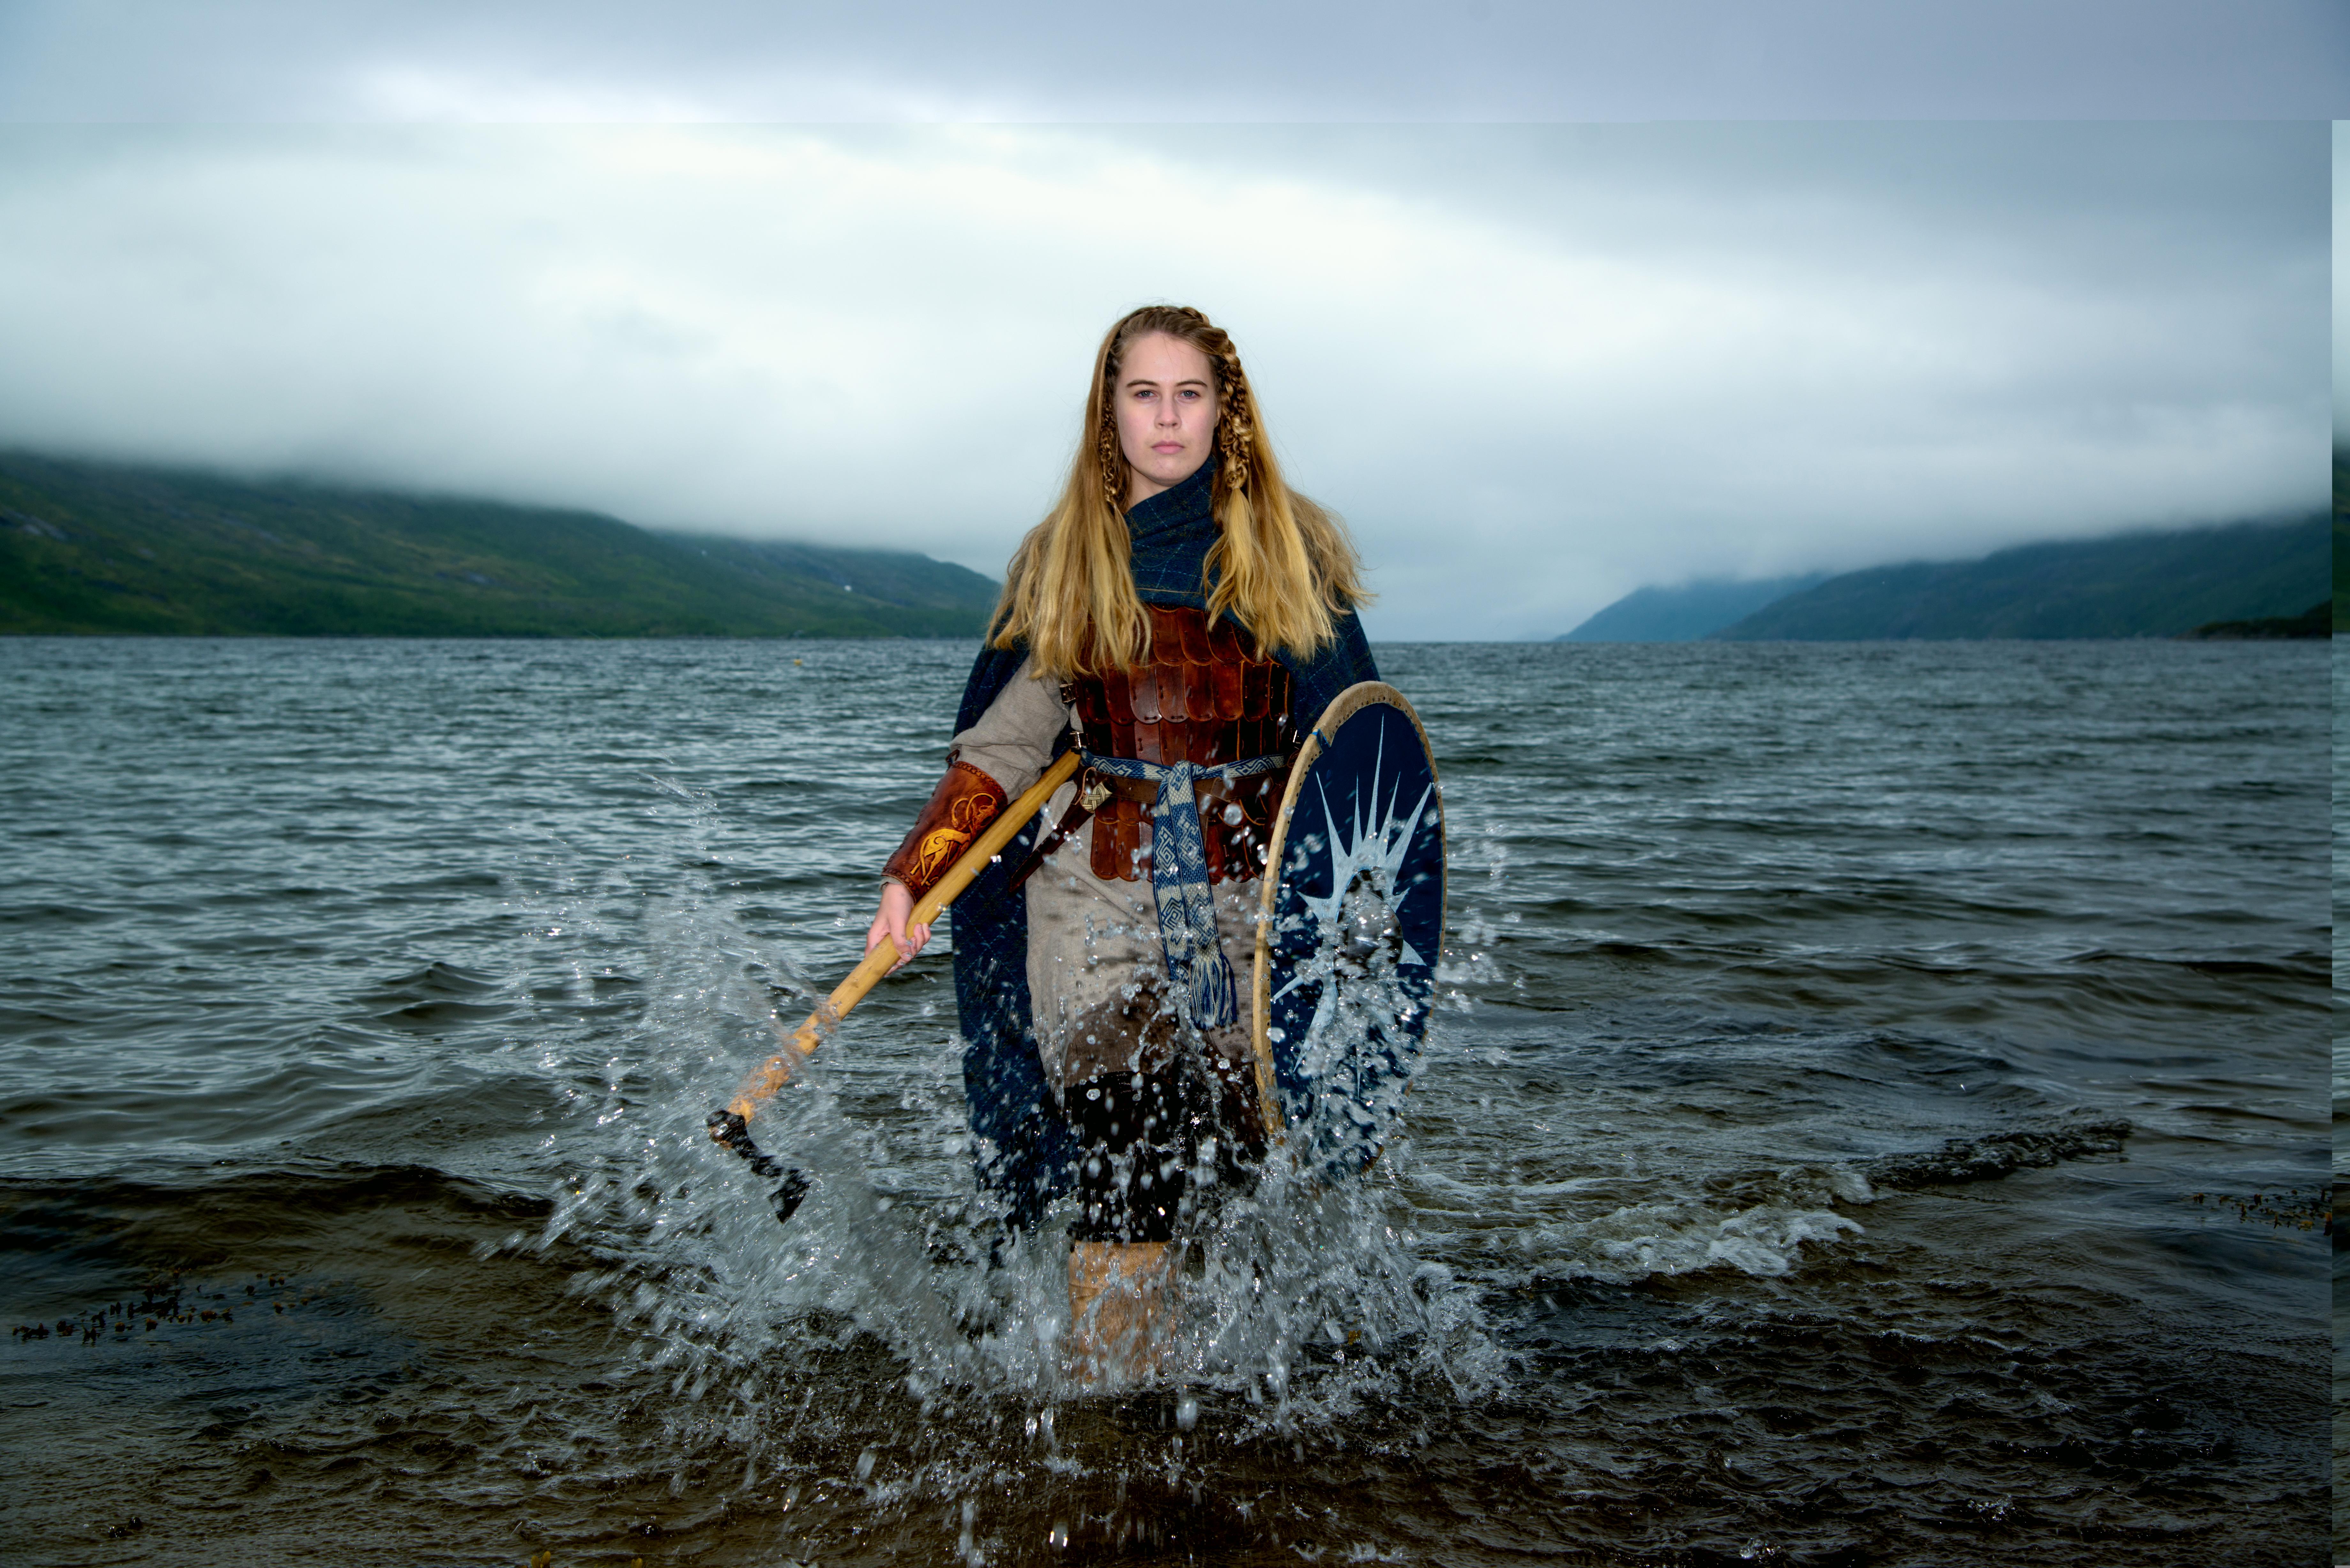 SEA LORD: – Igjen en tolkning av Sea Lord-kulturen skapt av Fell and Fair. Jeg gjorde en liknende shoot i 2017, men med mye mindre utrustning, så selvfølgelig måtte jeg gjøre en ny shoot da jeg hadde sjansen. Foto: Jan Kevin Brunvoll